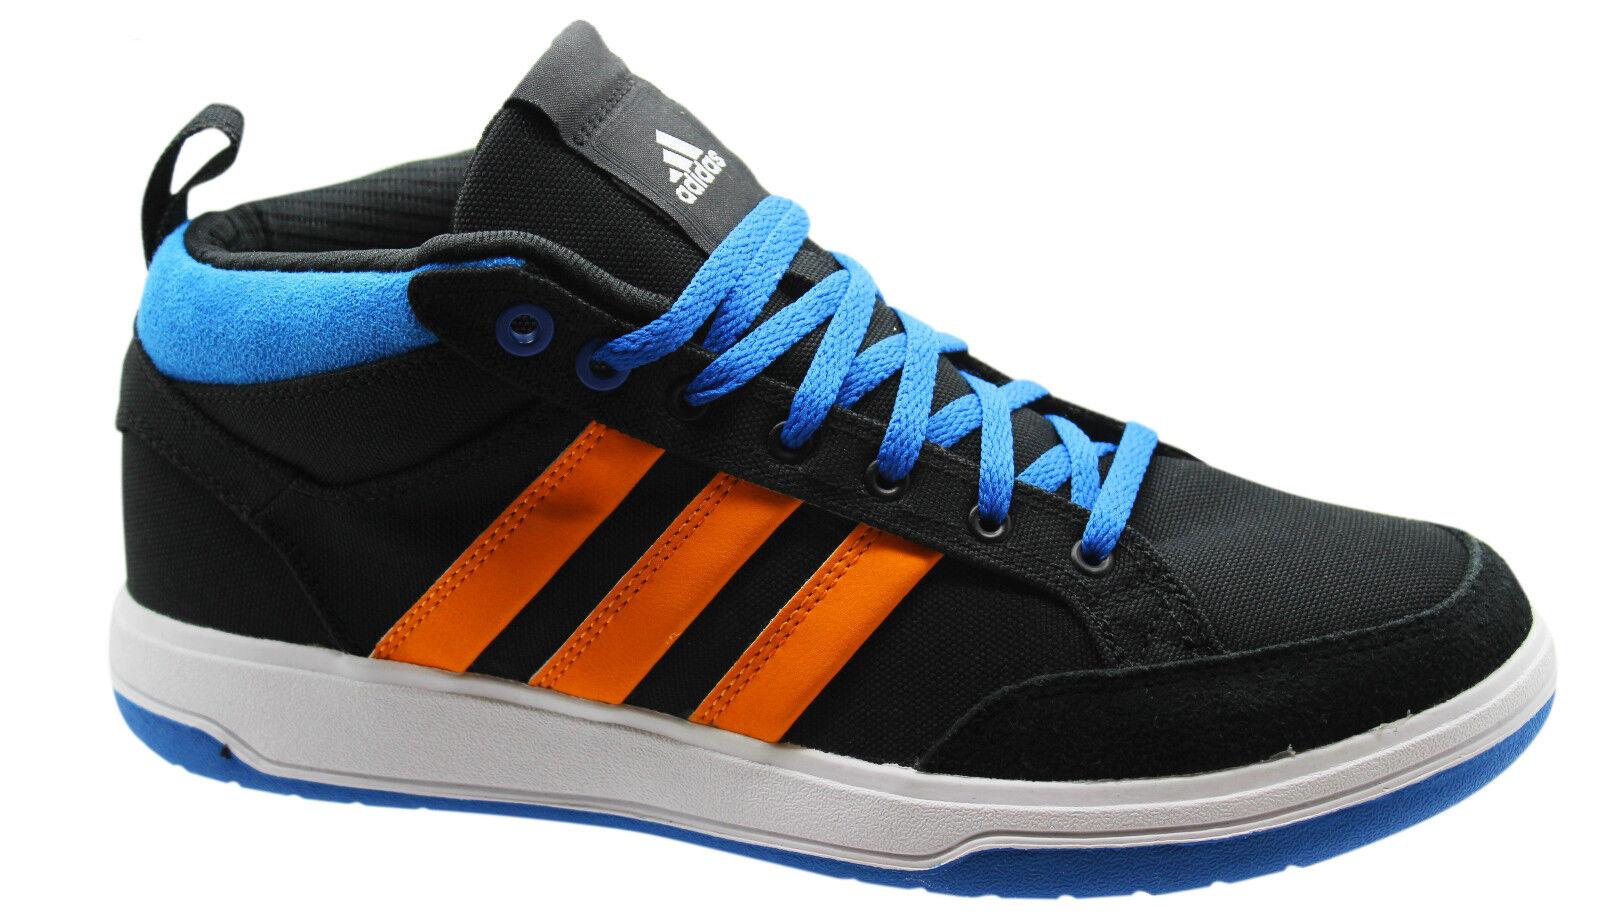 Adidas Sports Performance Oracle VI STR mittelhohe Herren-Sportschuhe schwarz